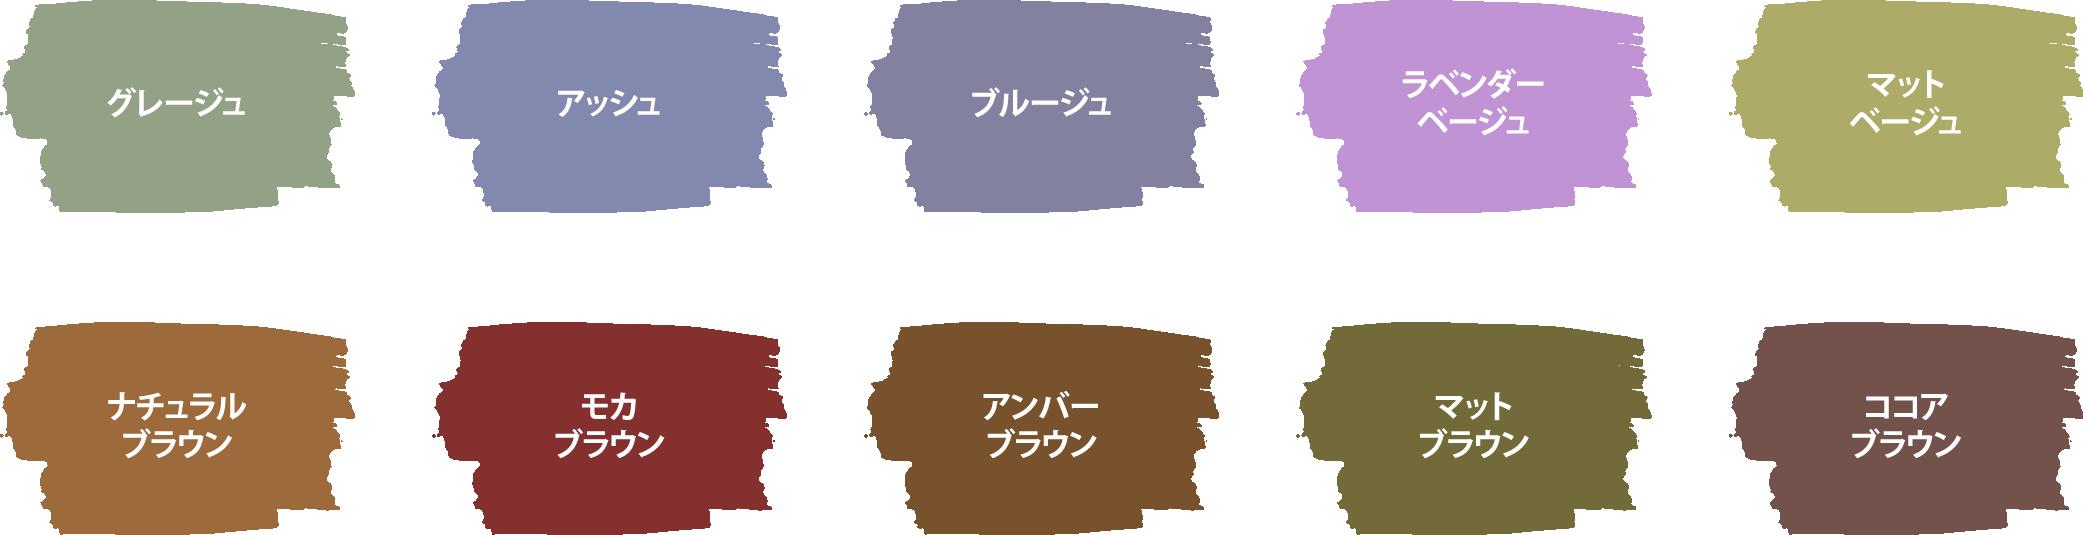 nanairo_img-08